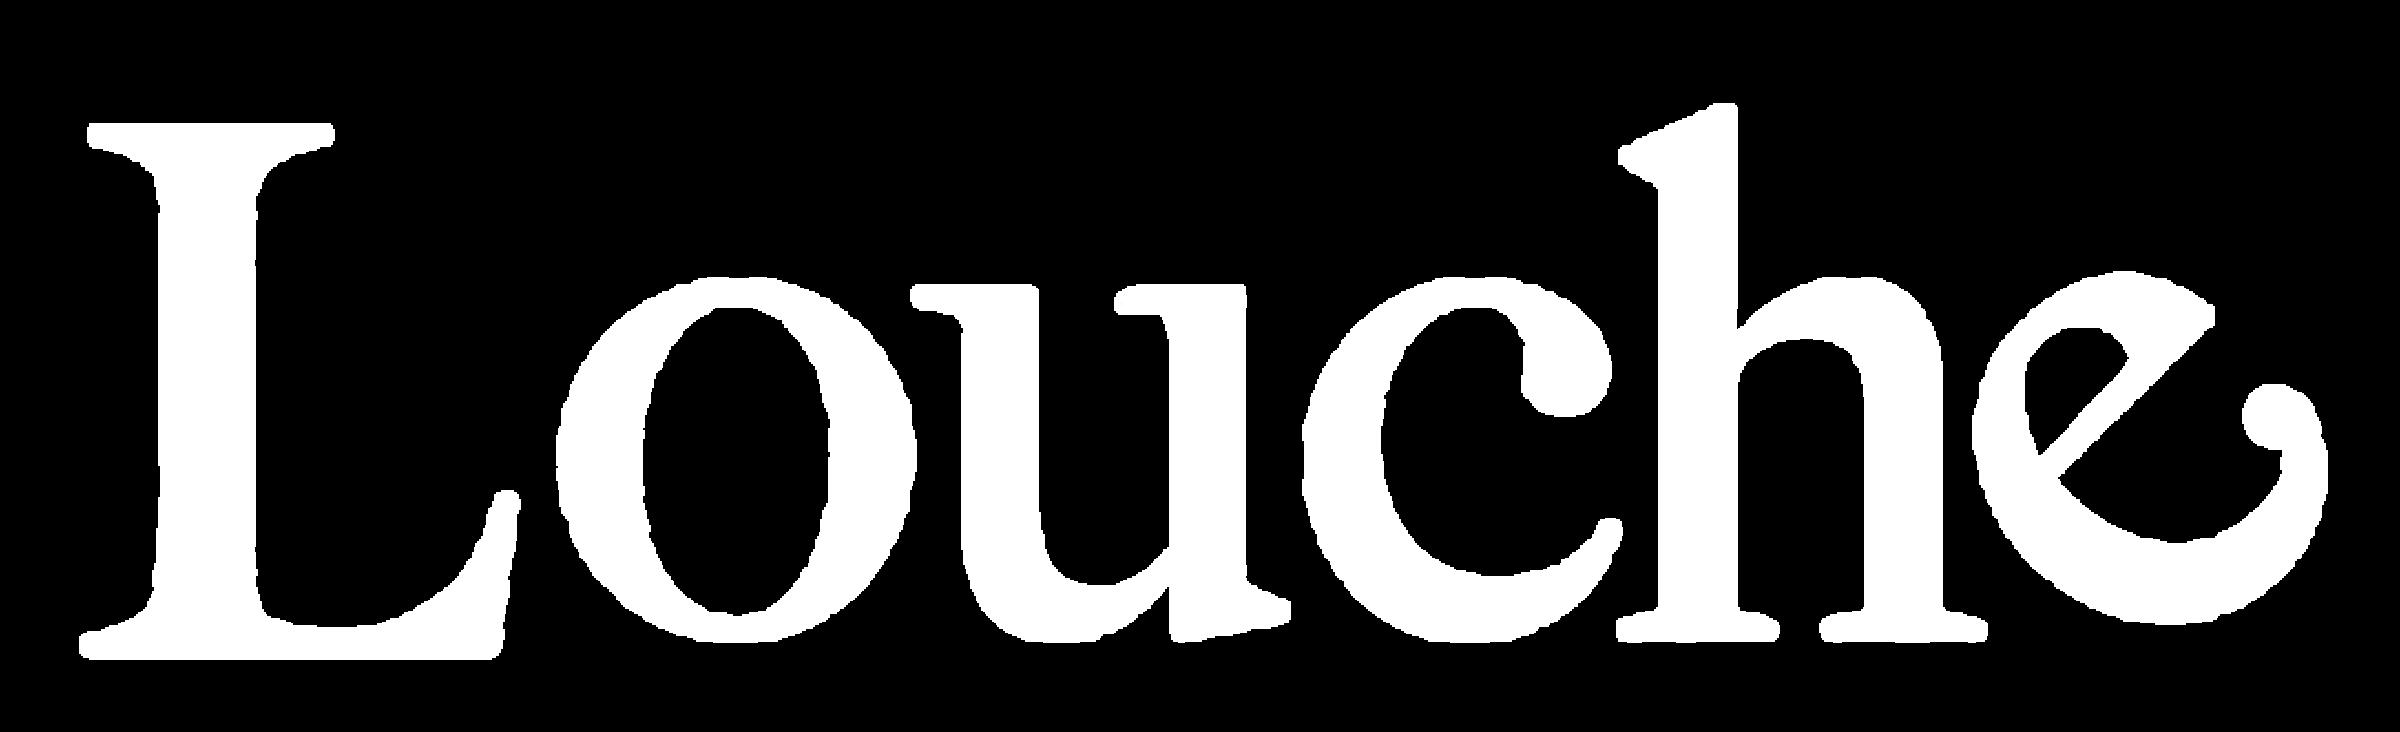 Louche Logo